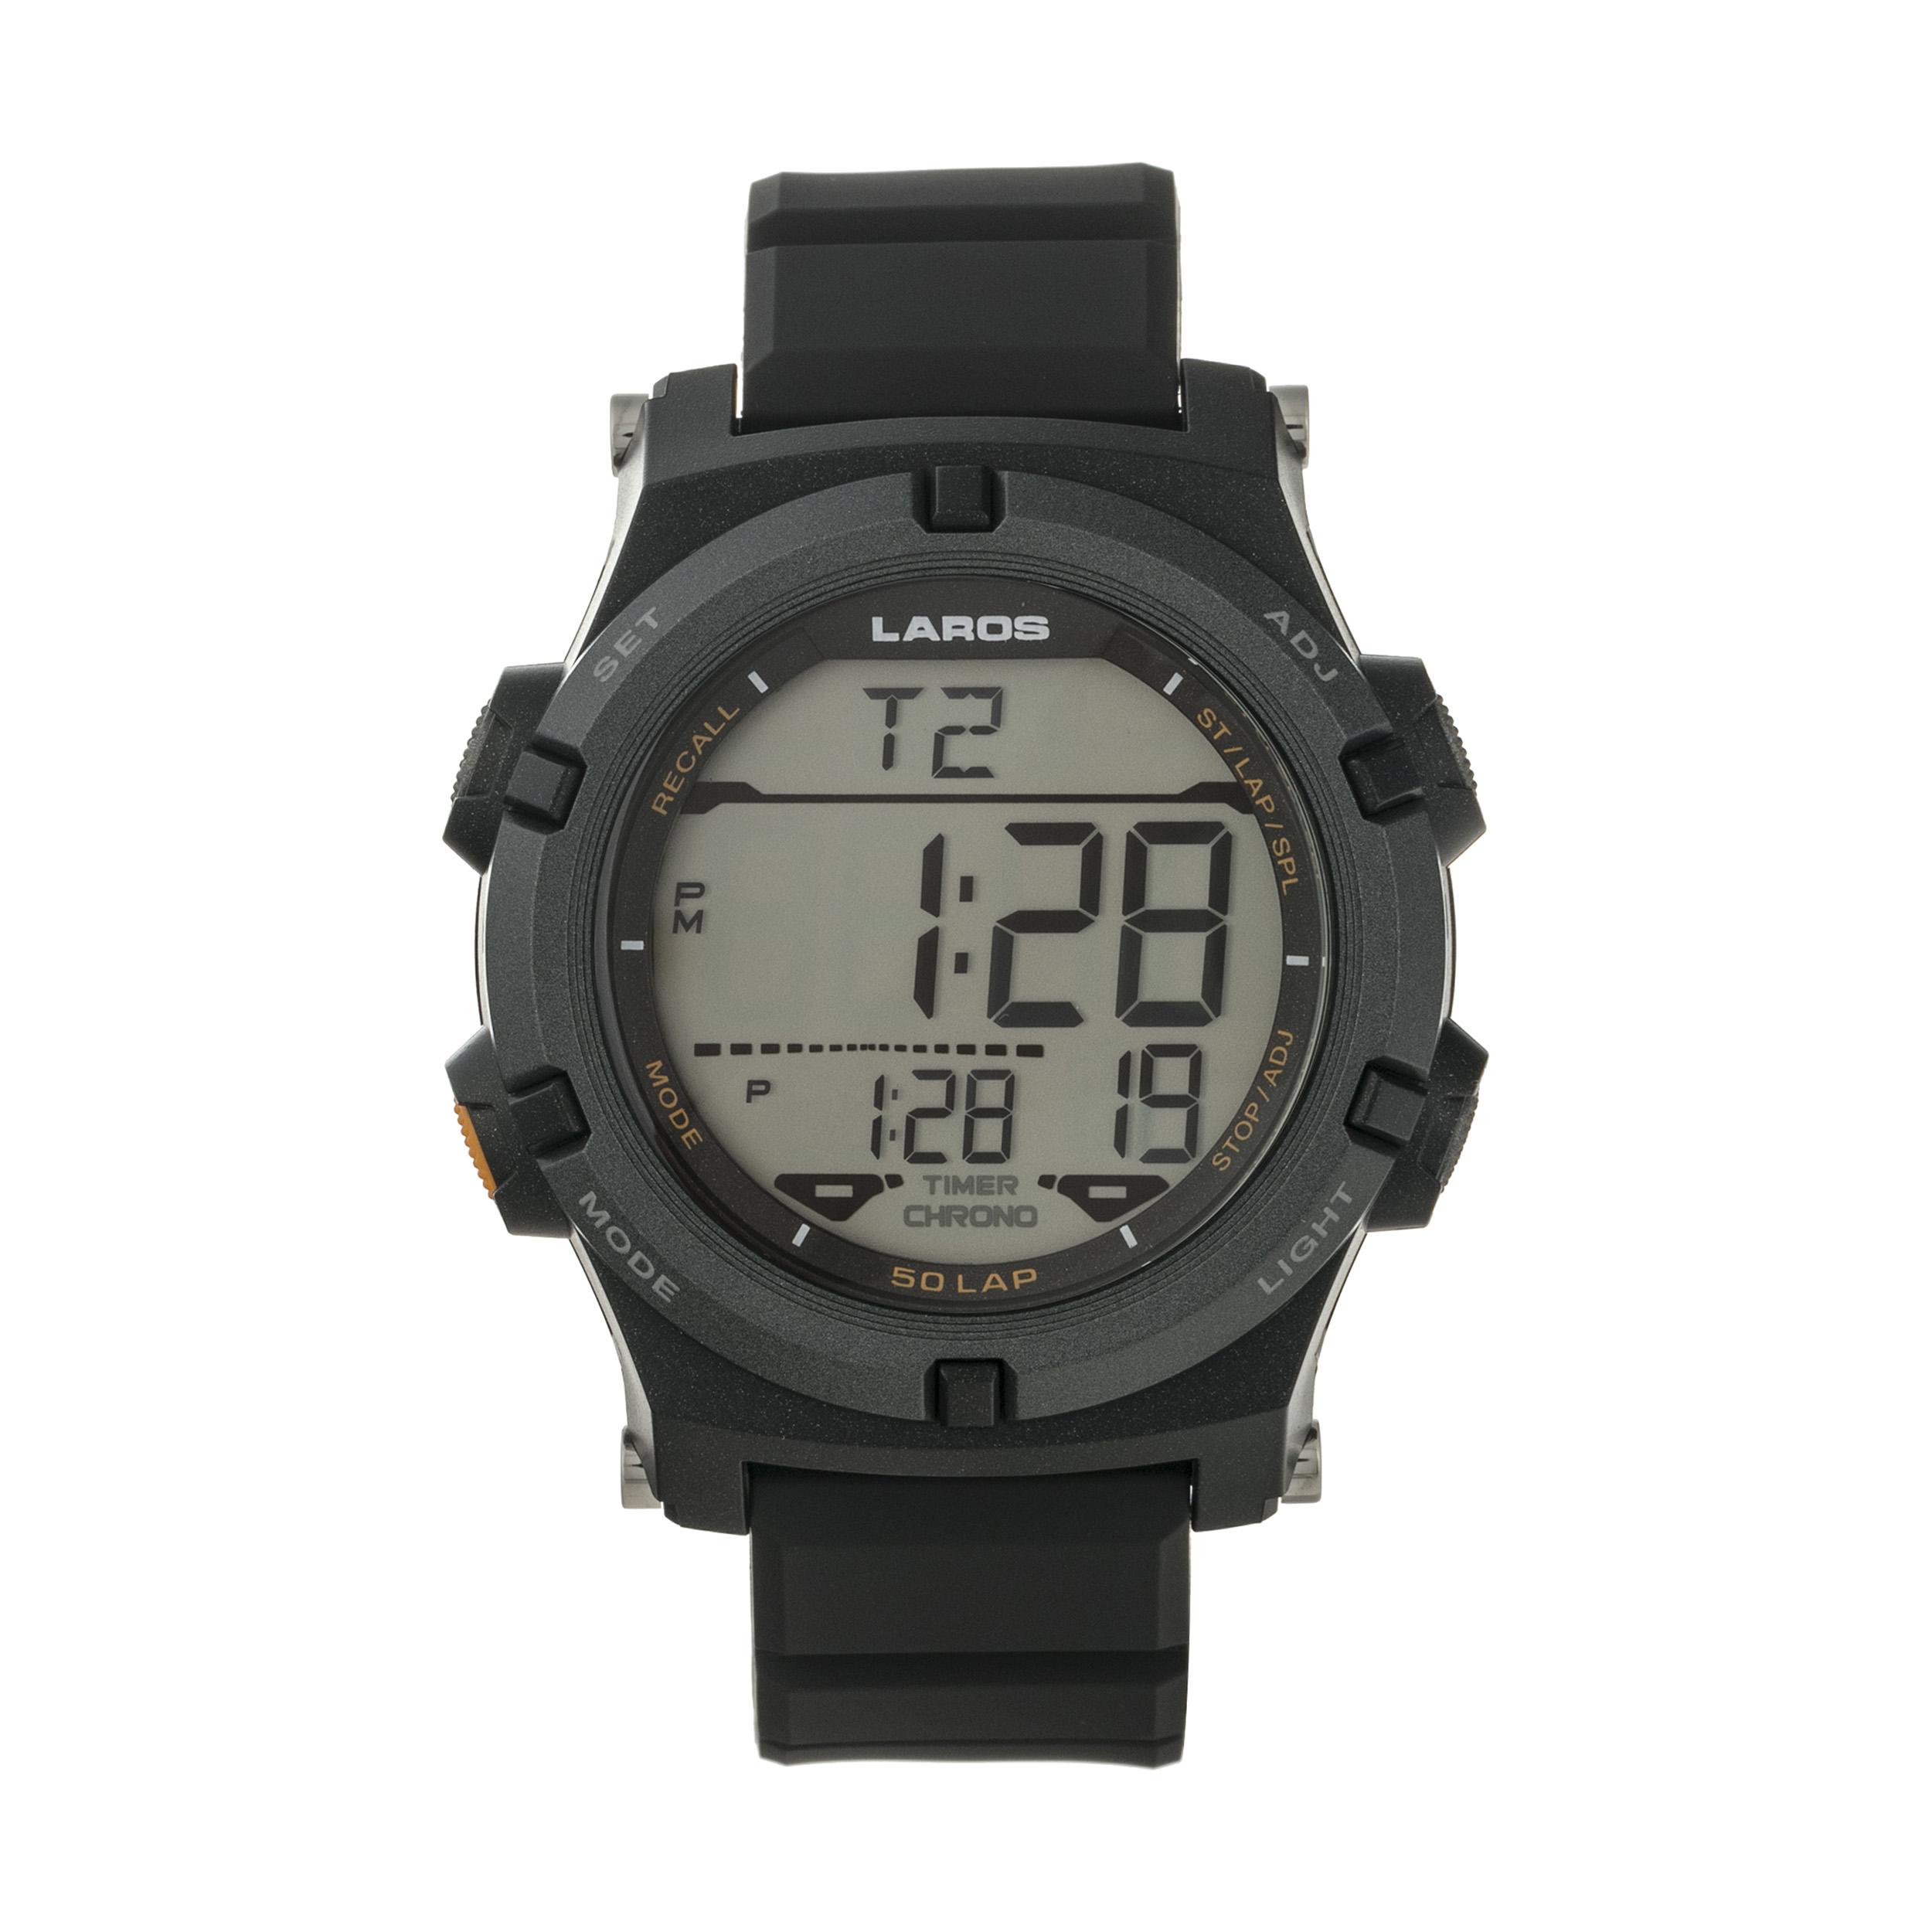 ساعت مچی دیجیتال مردانه لاروس مدل M1192-0318  به همراه دستمال مخصوص نانو برند کلیر واچ 25